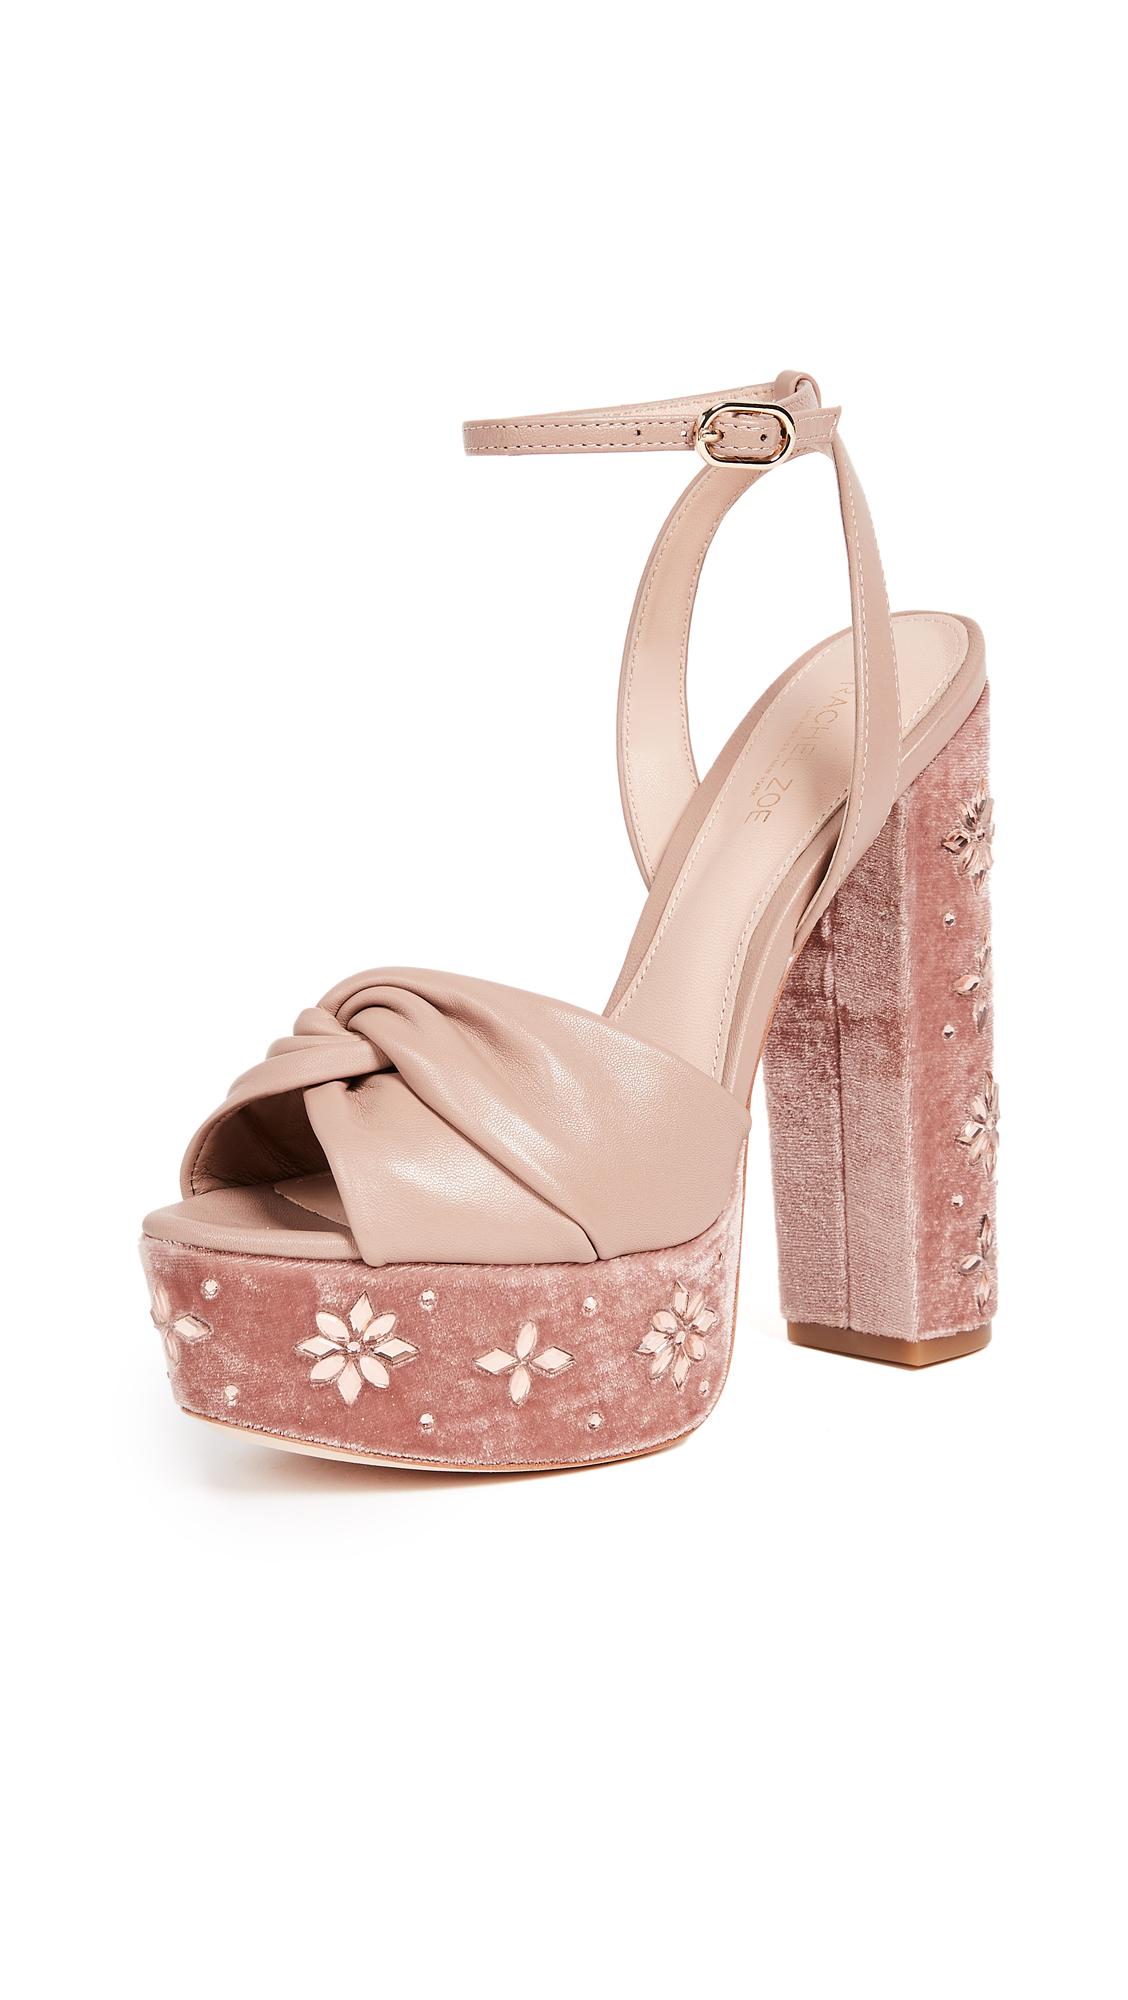 Rachel Zoe Claudette Crystal Platform Sandals - Nude